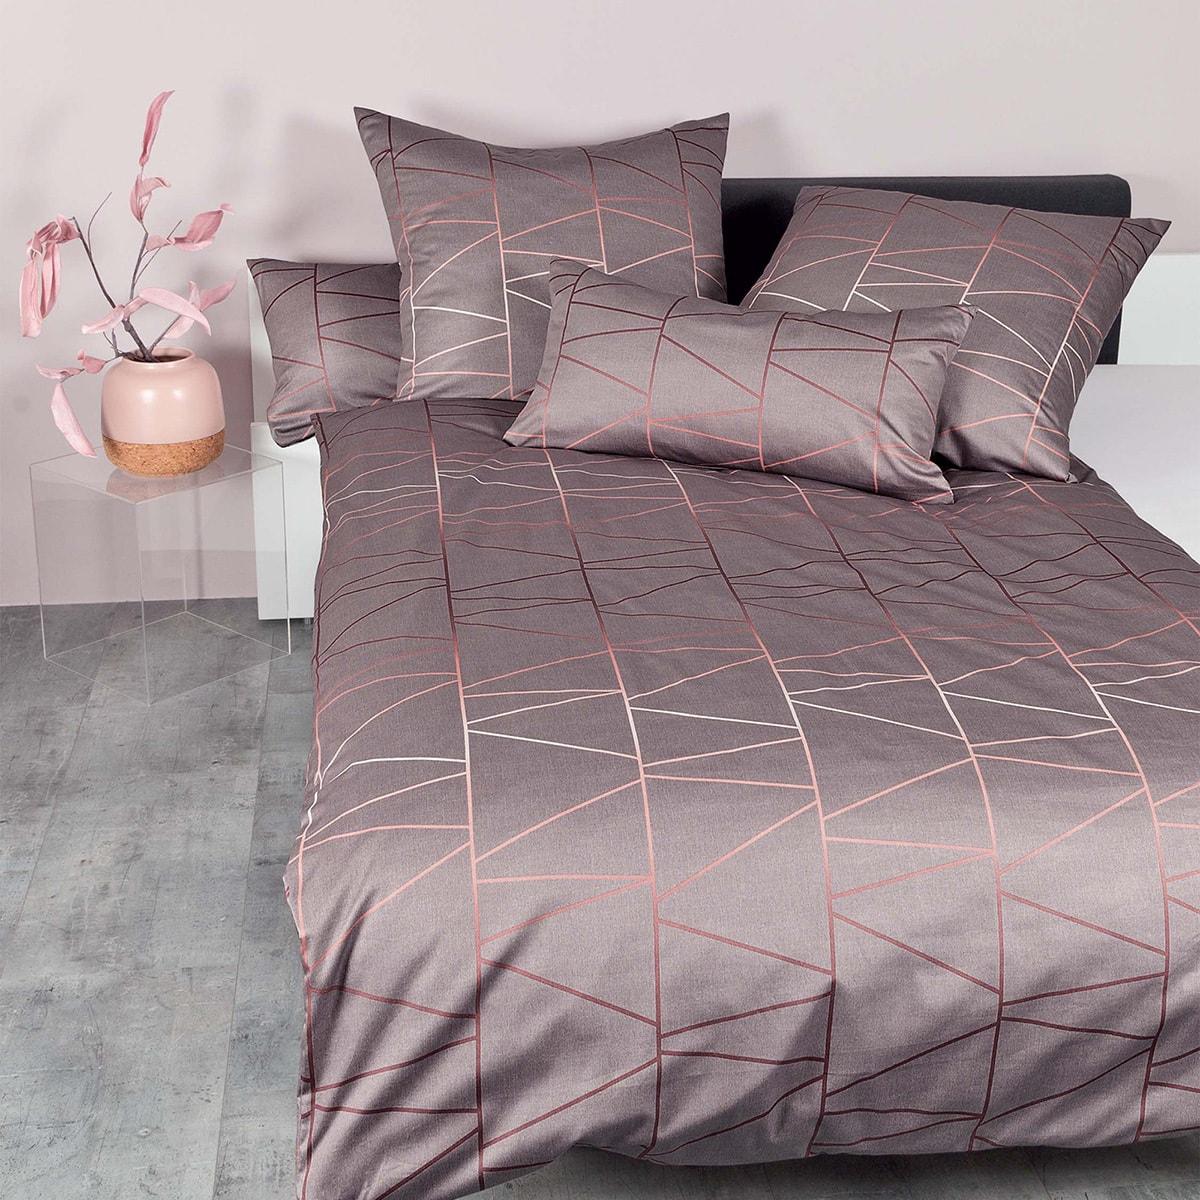 janine interlock feinjersey bettw sche carmen 53067 05 beerenmus g nstig online kaufen bei. Black Bedroom Furniture Sets. Home Design Ideas